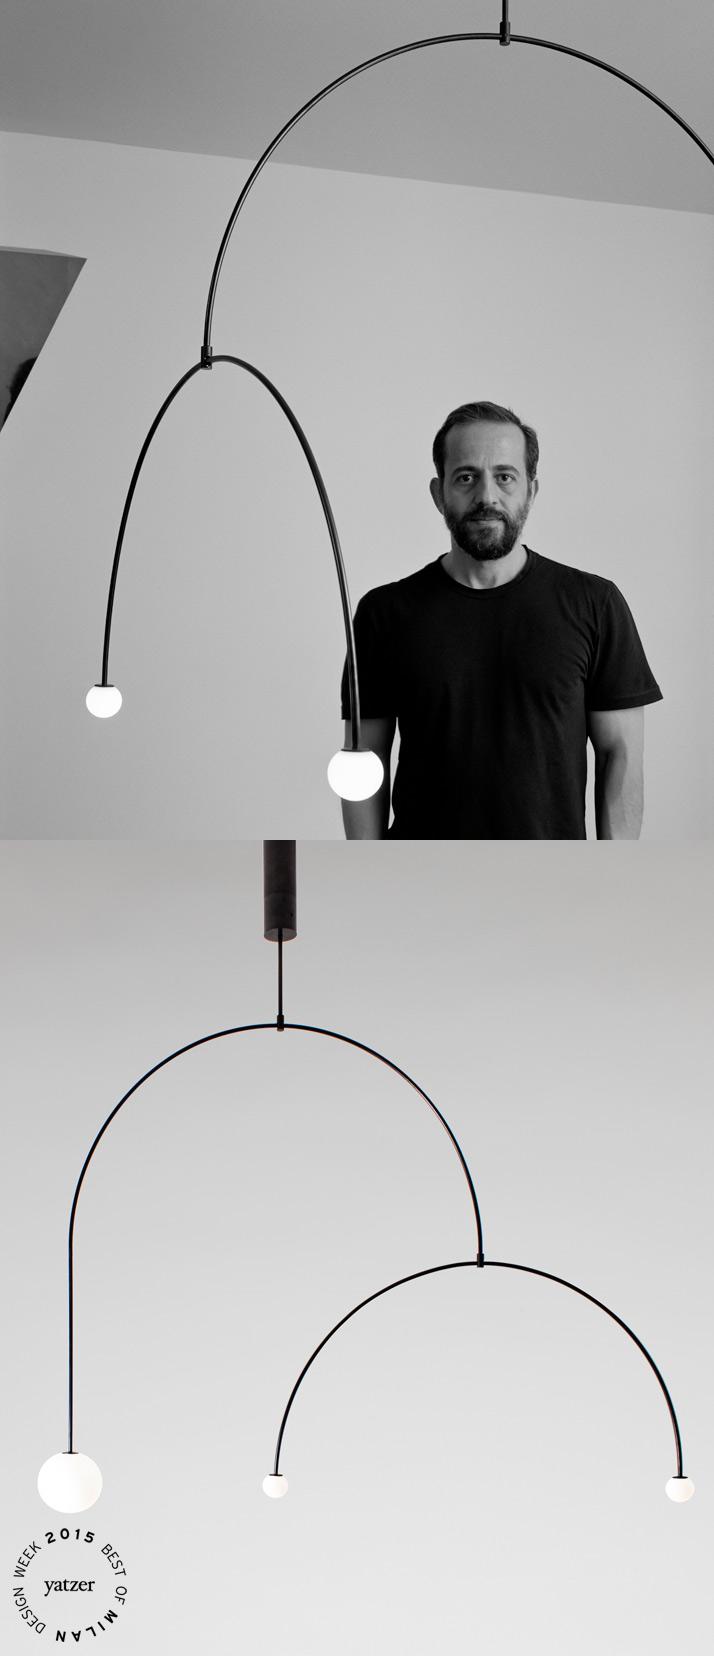 milan-design-week-2015-hisheji (15)